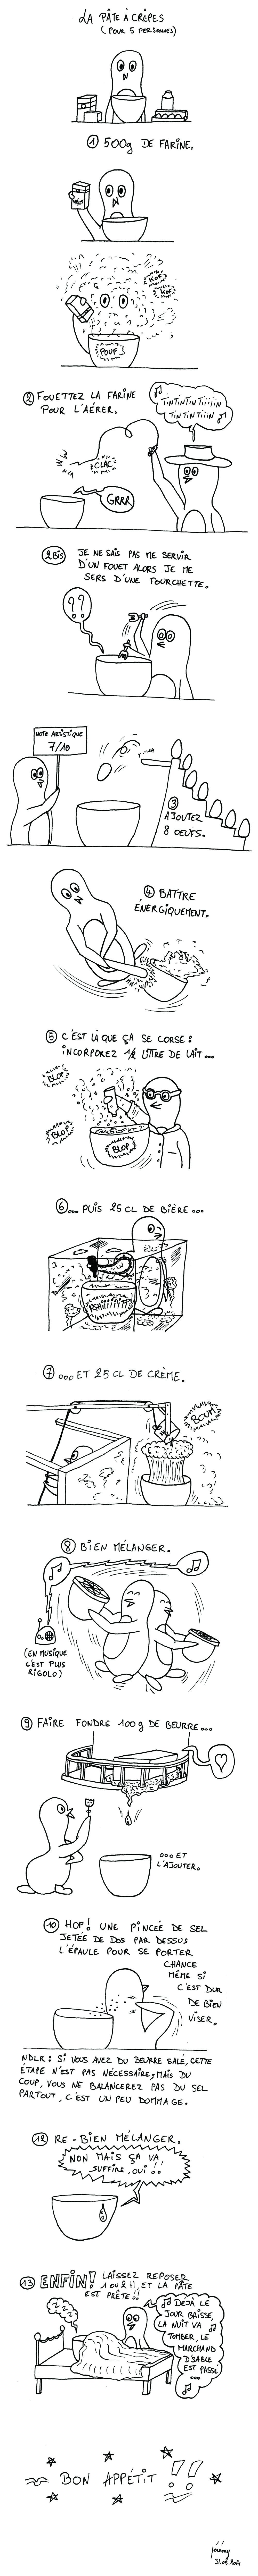 La recette de la pâte à crèpes